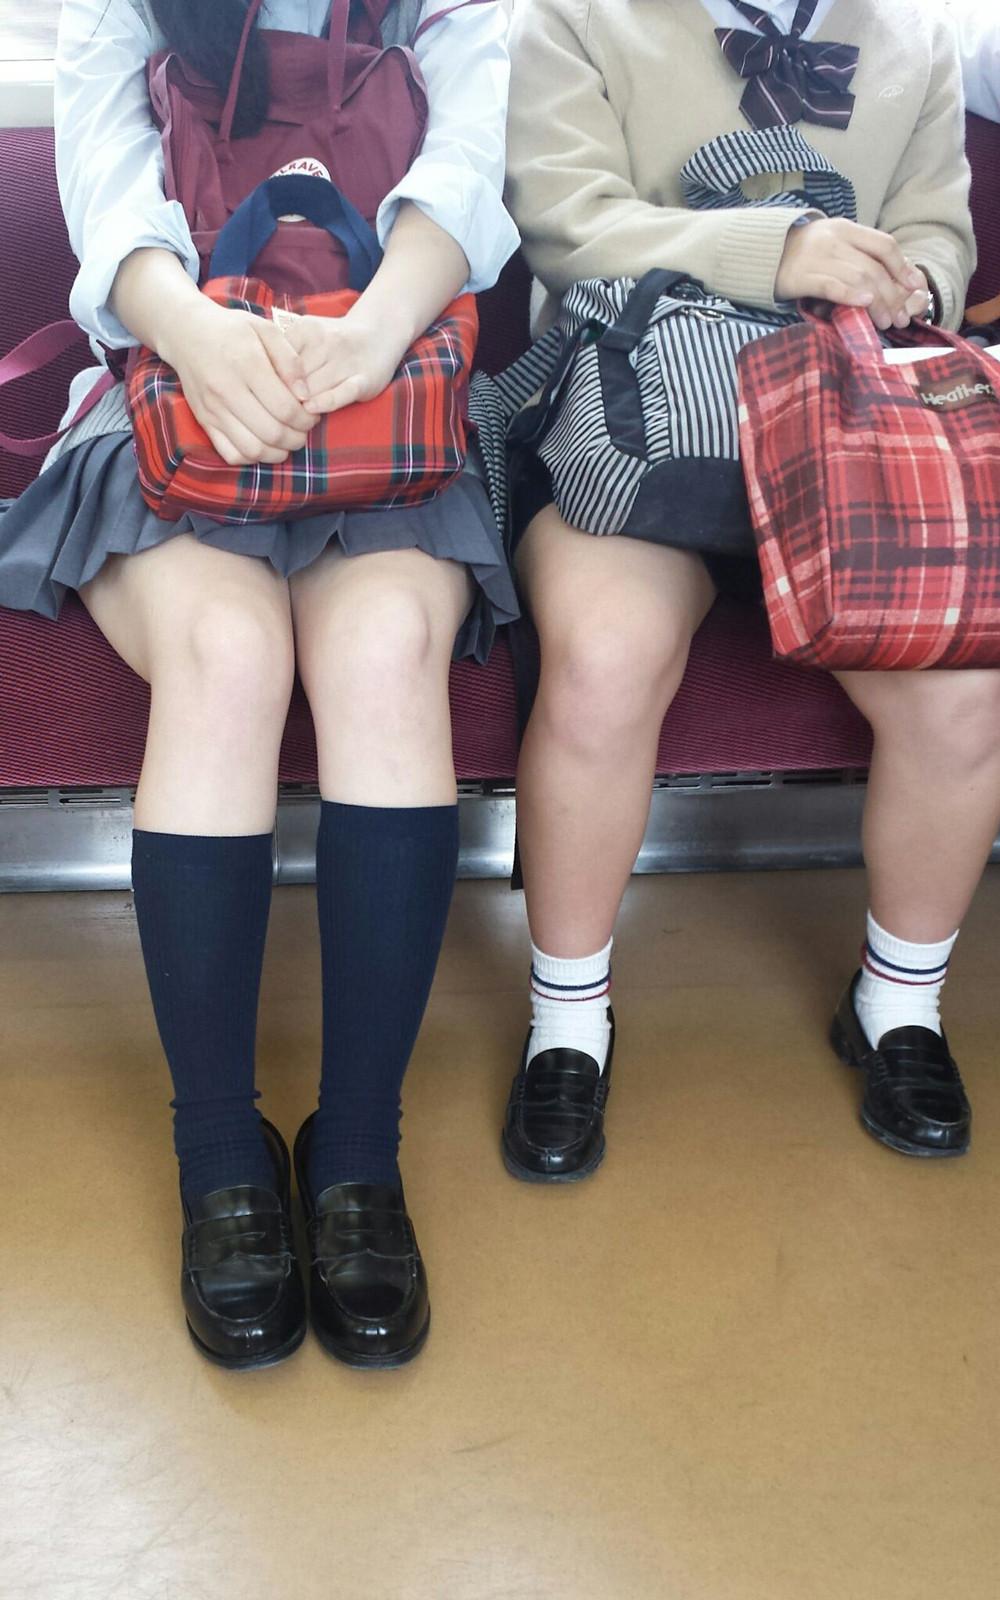 スカート短いJKの太股を盗撮した!